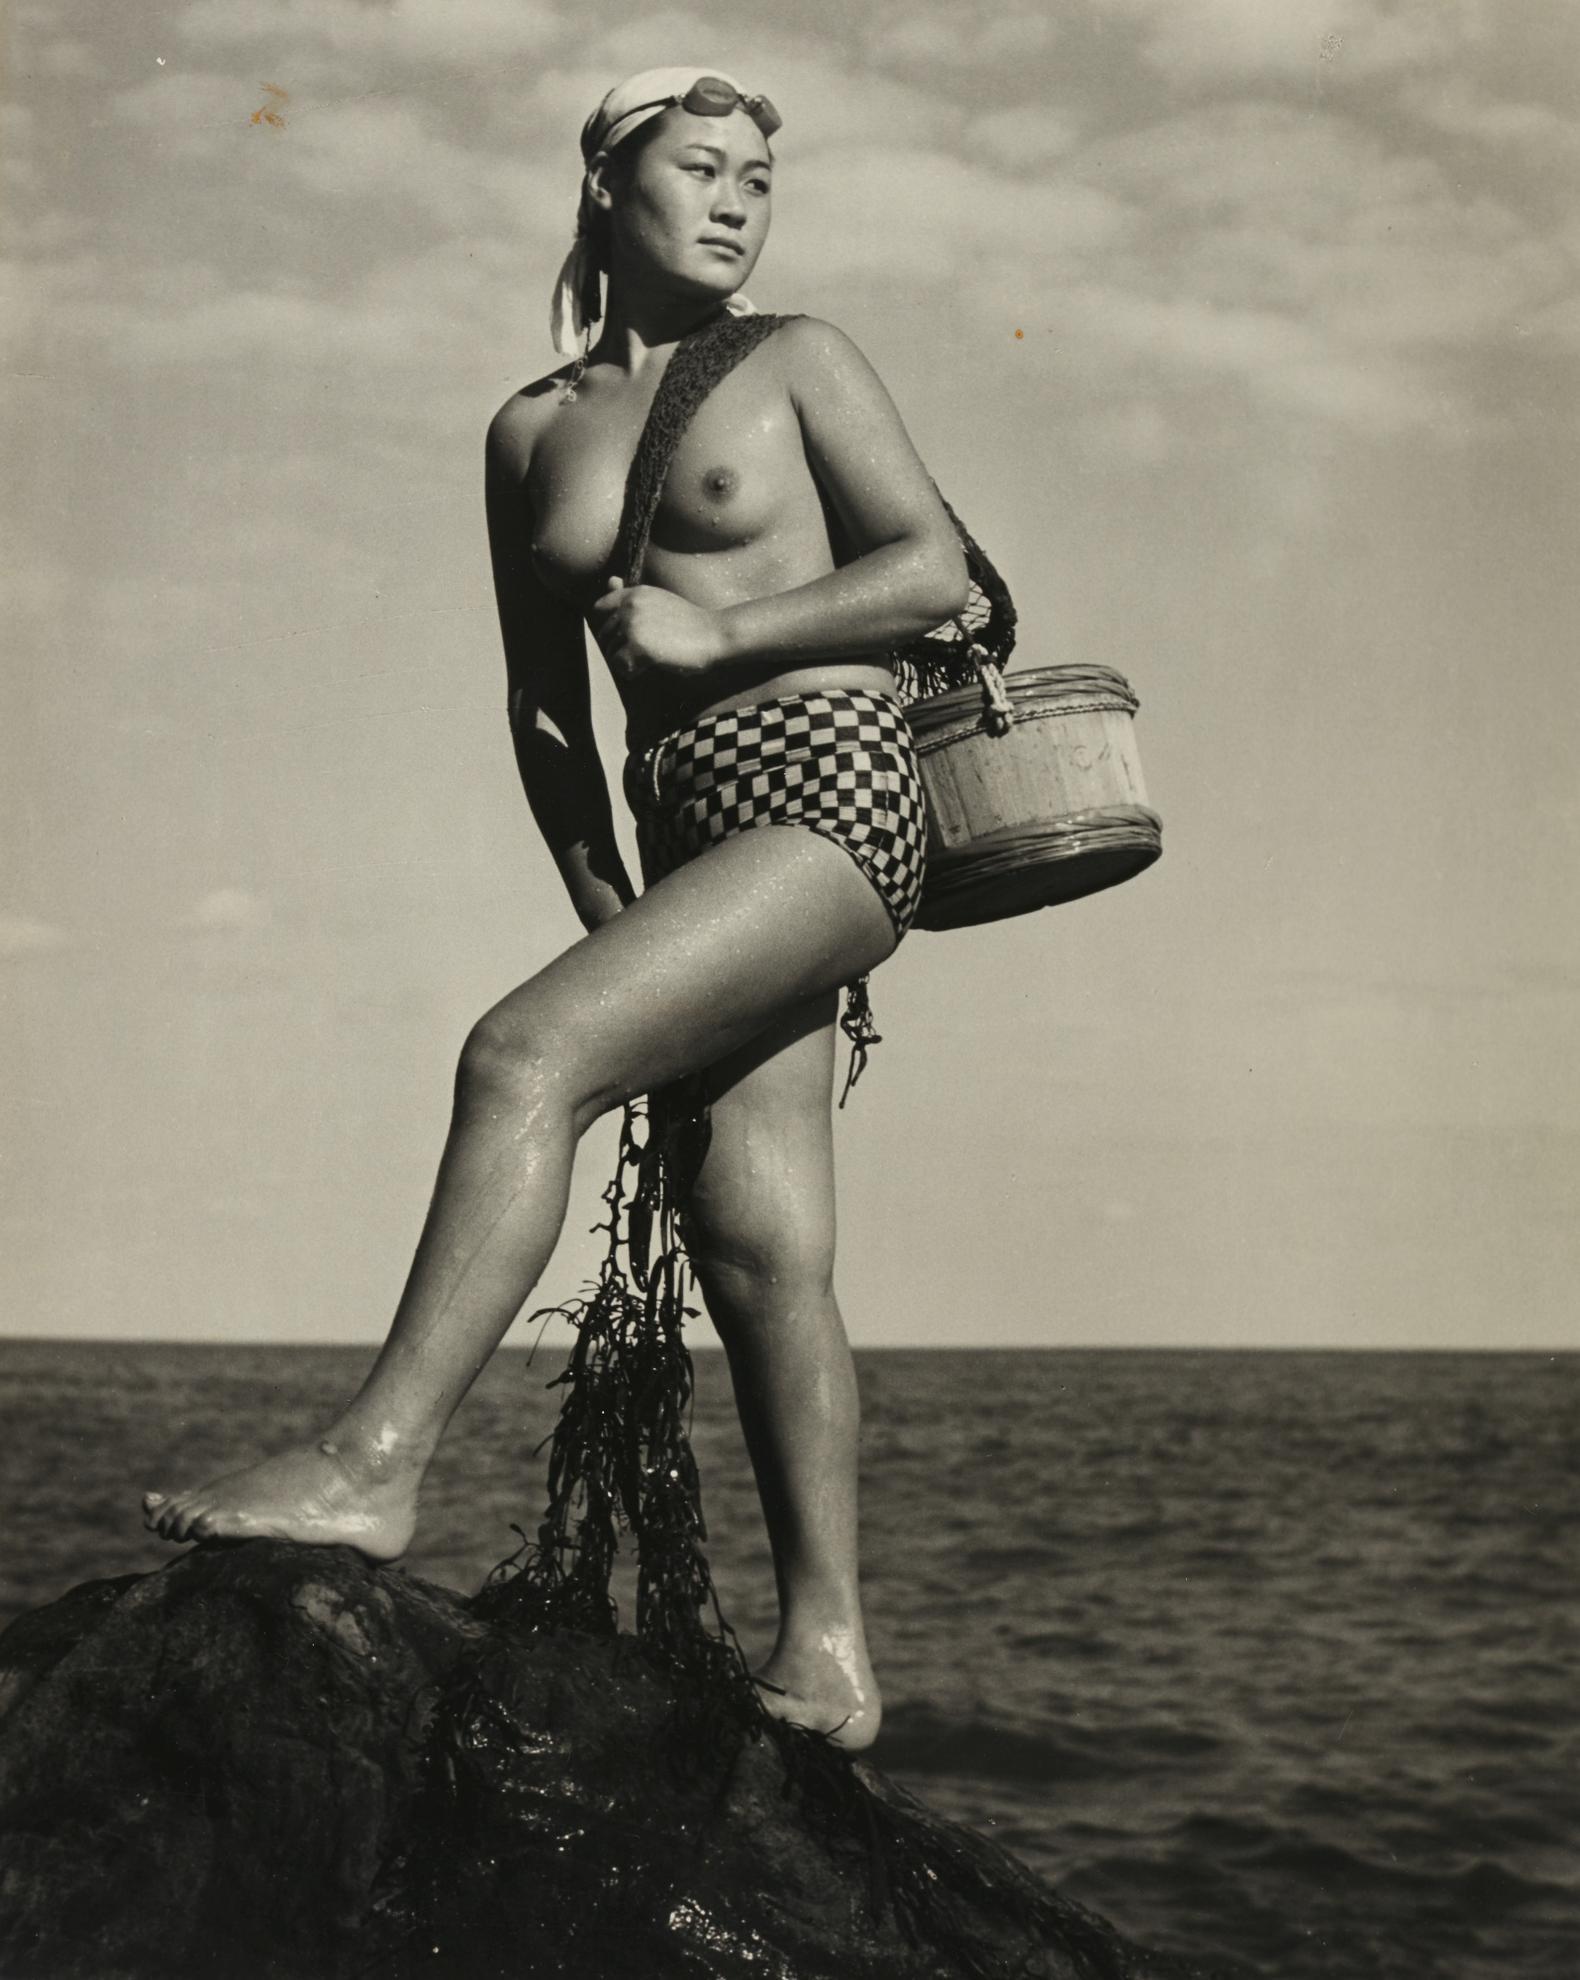 Yoshiyuki Iwase - Untitled-1950